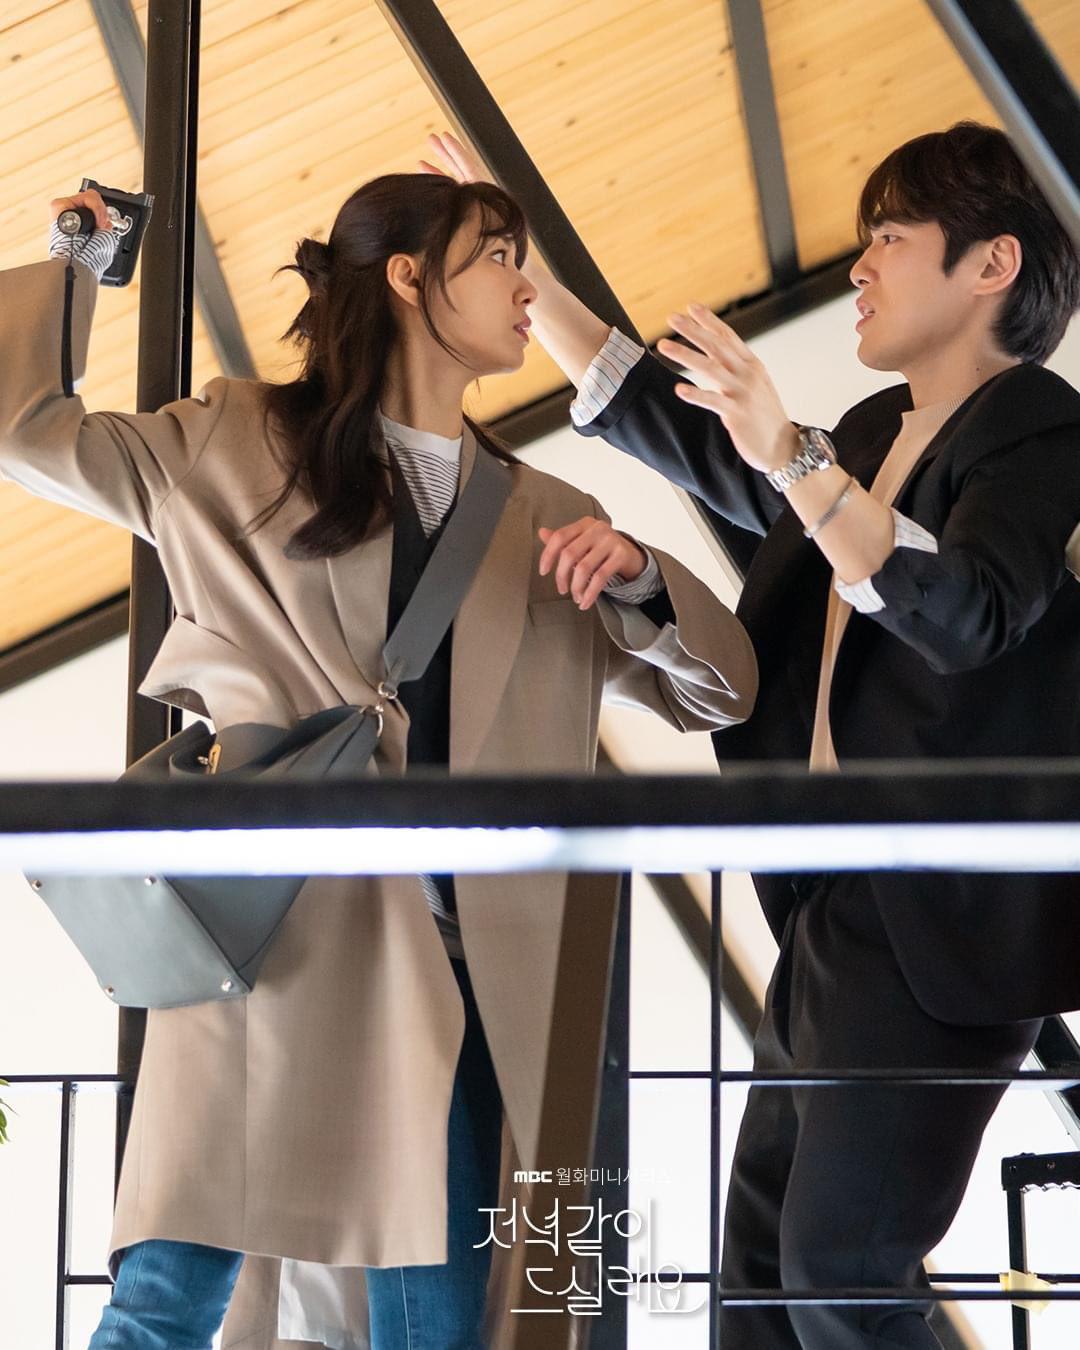 Chị đại Triều Tiên Seo Ji Hye hóa dân hổ báo, đè đầu cưỡi cổ thánh lừa đảo ở phim mới  Shall We Eat Dinner Together - Ảnh 1.